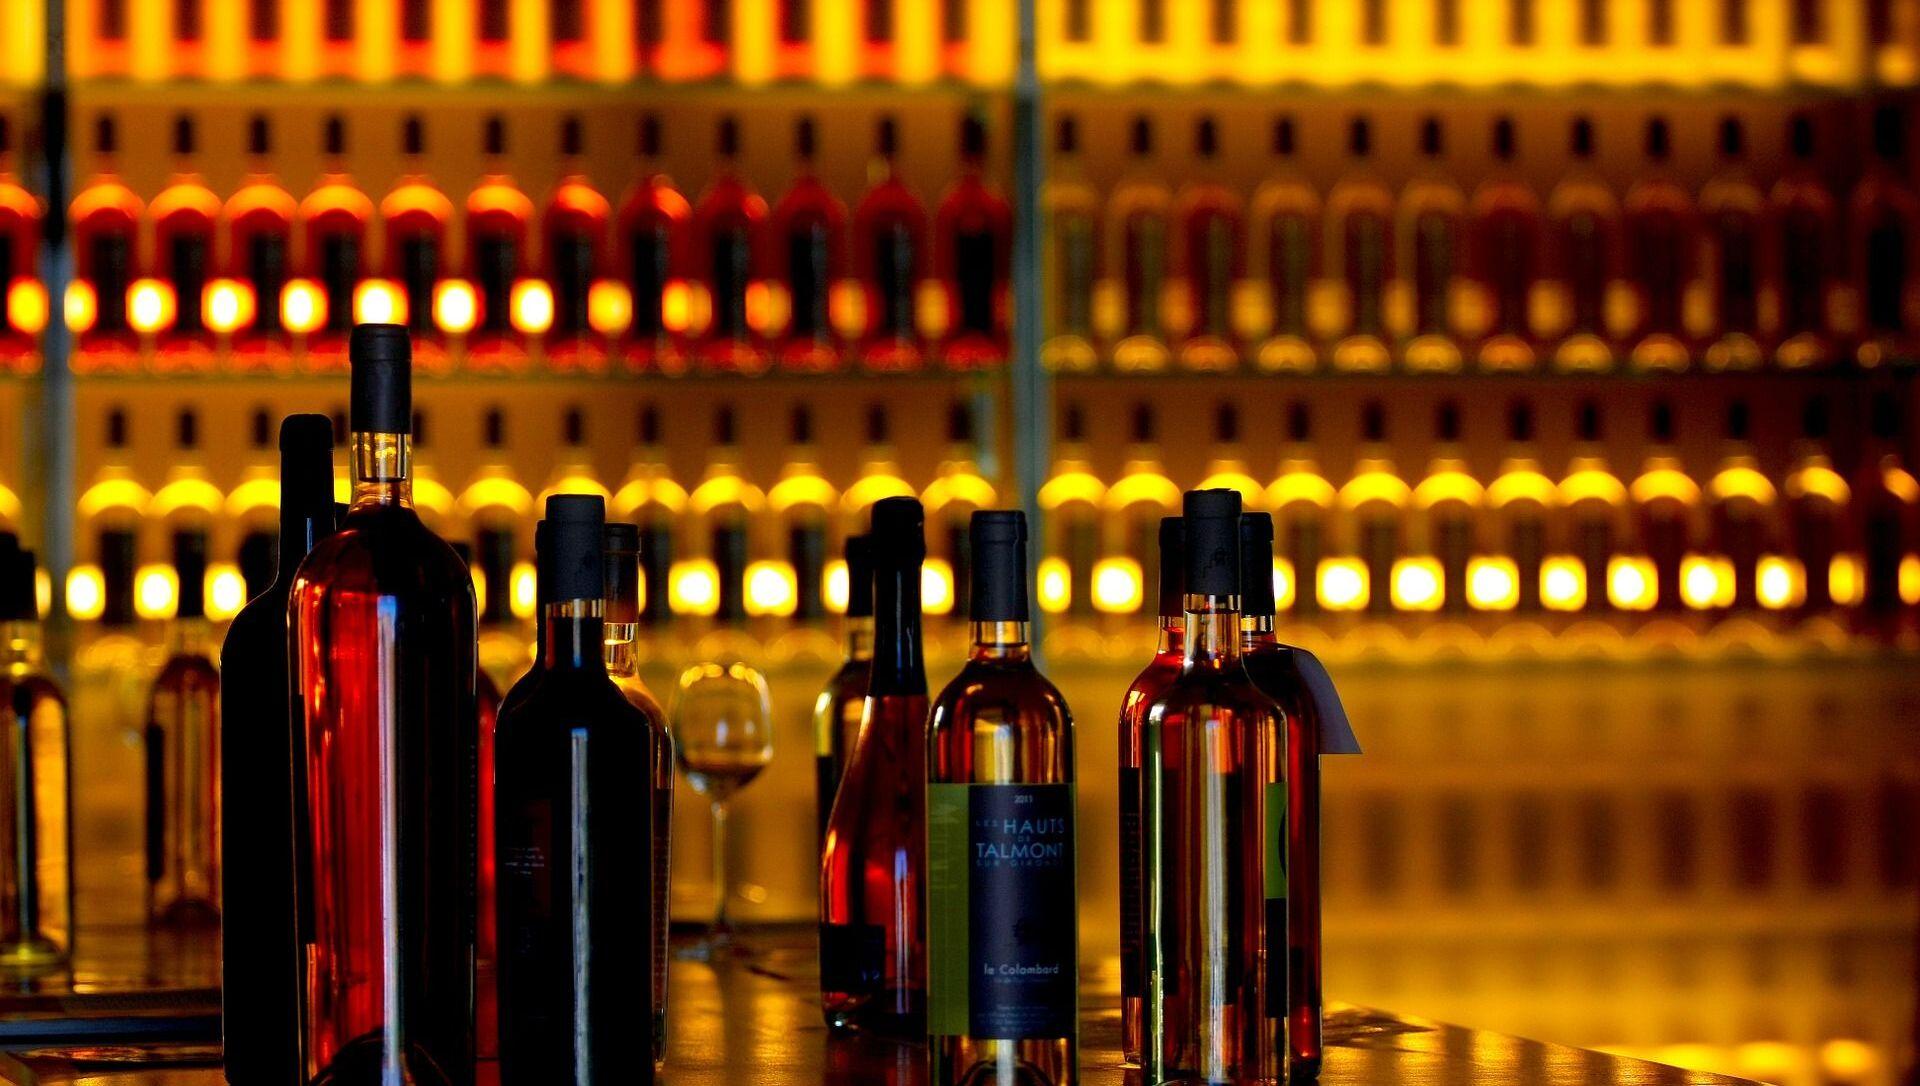 Des bouteilles de vin - Sputnik France, 1920, 06.08.2021